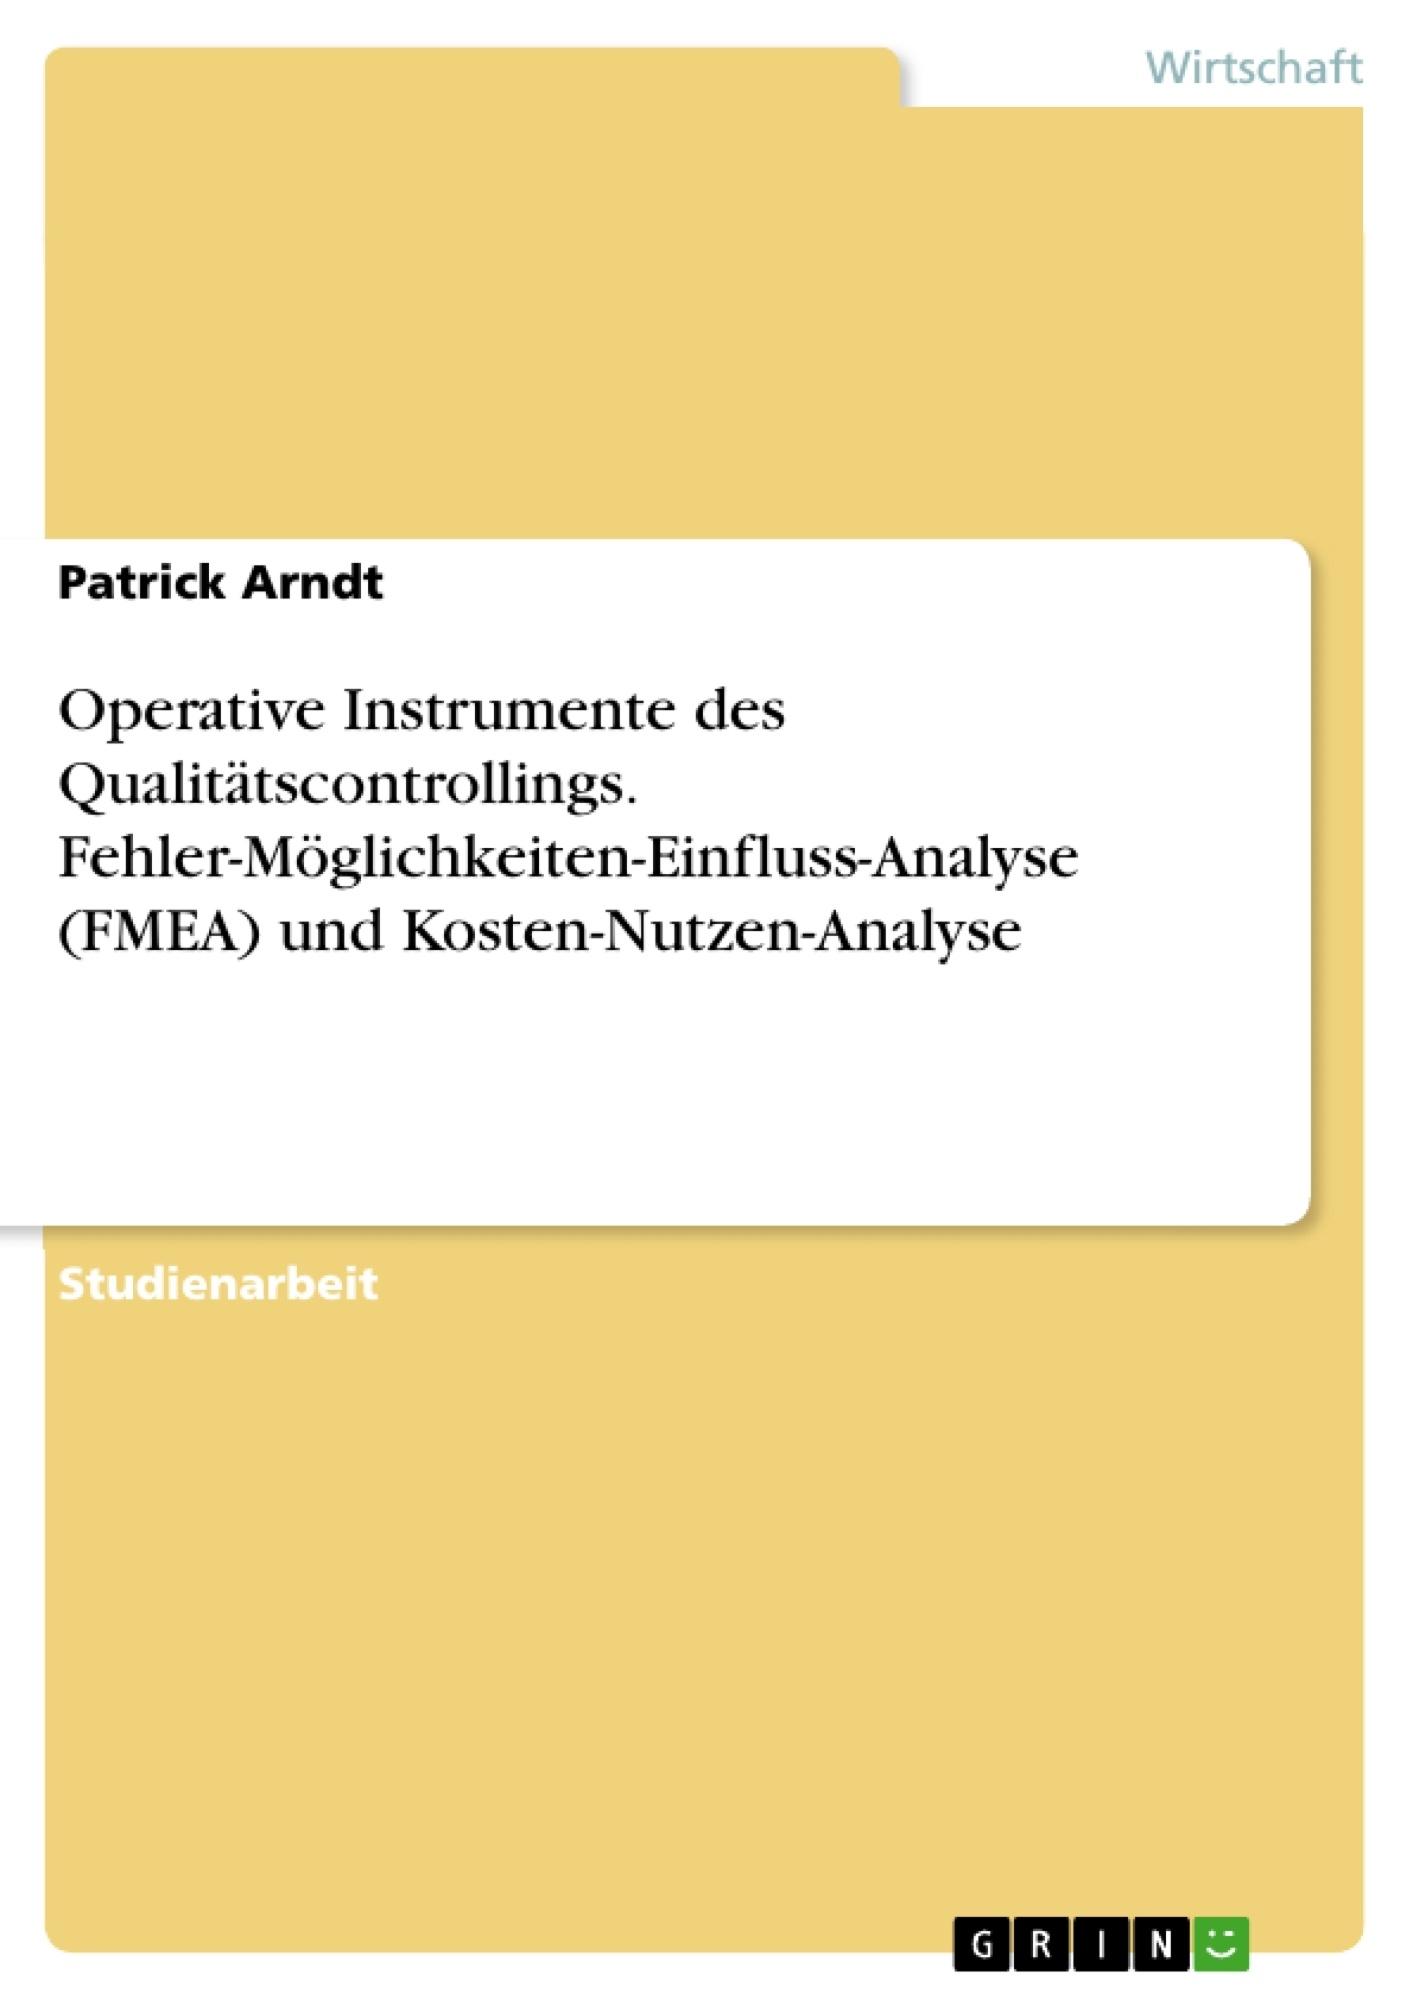 Titel: Operative Instrumente des Qualitätscontrollings. Fehler-Möglichkeiten-Einfluss-Analyse (FMEA)  und Kosten-Nutzen-Analyse